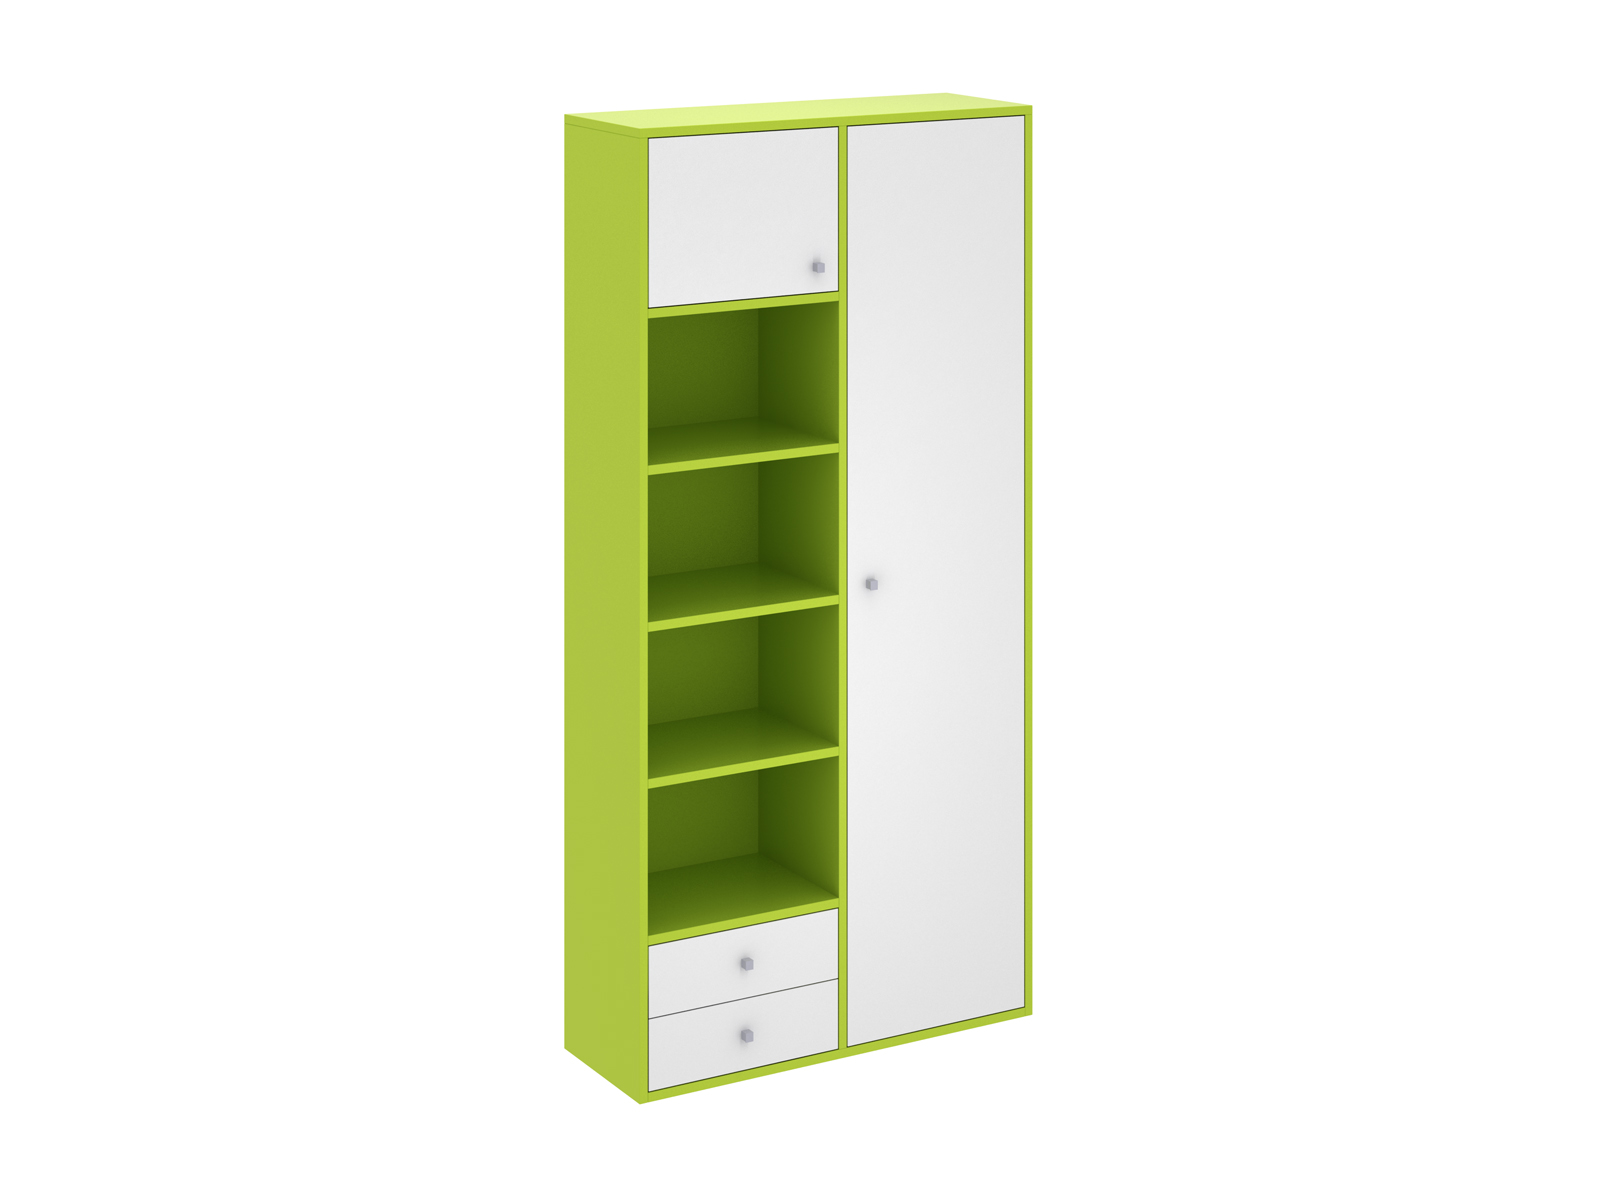 Шкаф PinokkioШкафы<br>Шкаф комбинированный имеет два отделения. В первом отделении расположены полки. Во втором - выдвижная штанга для одежды. Данный шкаф выполнен в правостороннем исполнении.<br>